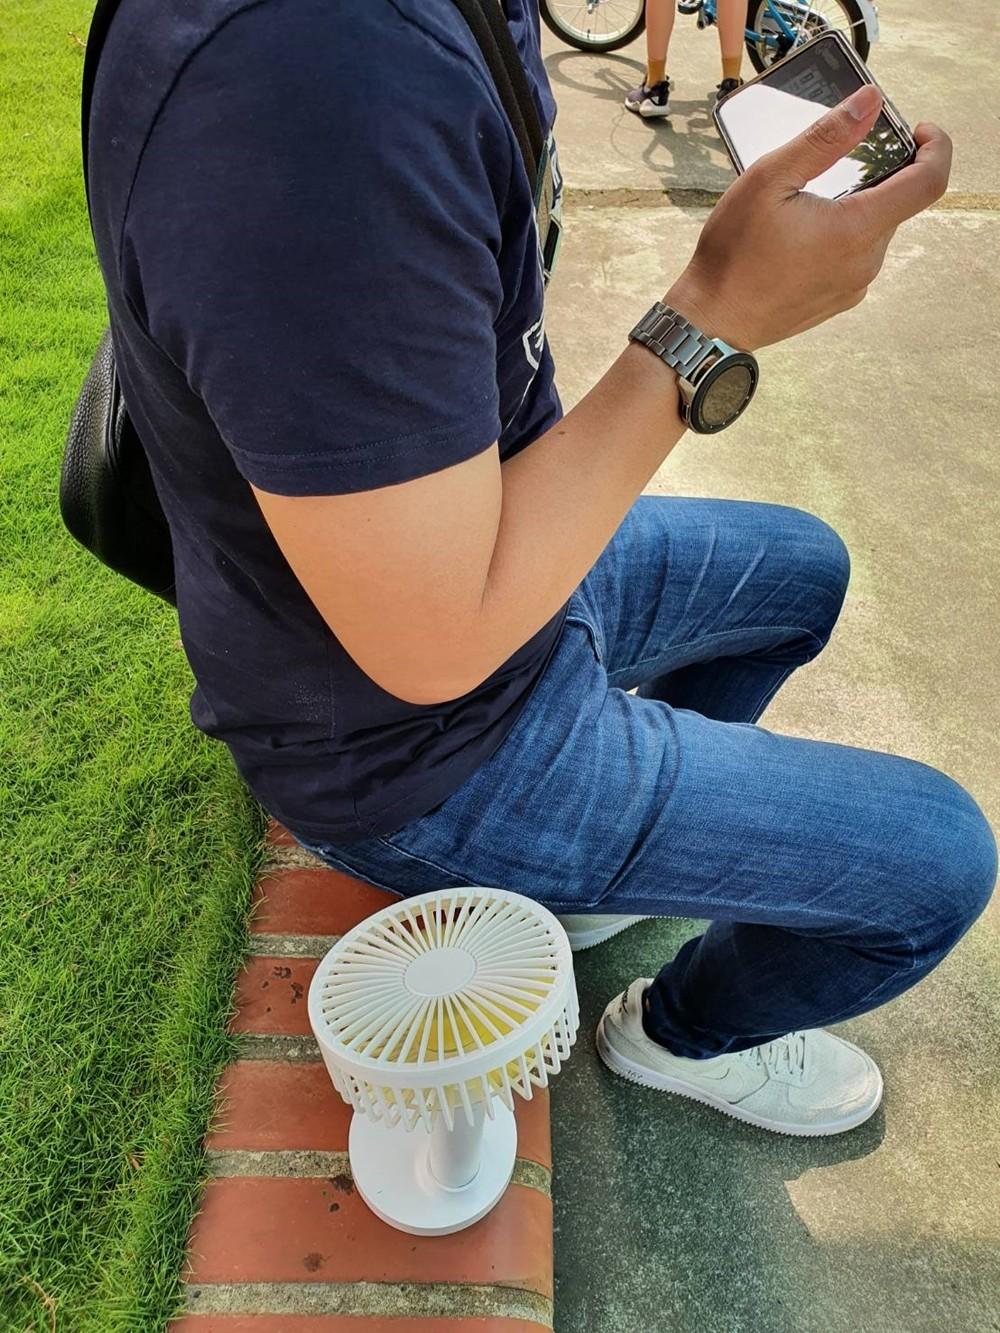 飆溫開搶團》夏日好物首選KINYO隨身電風扇×多款造型不同功能任你選 - yukiblog.tw